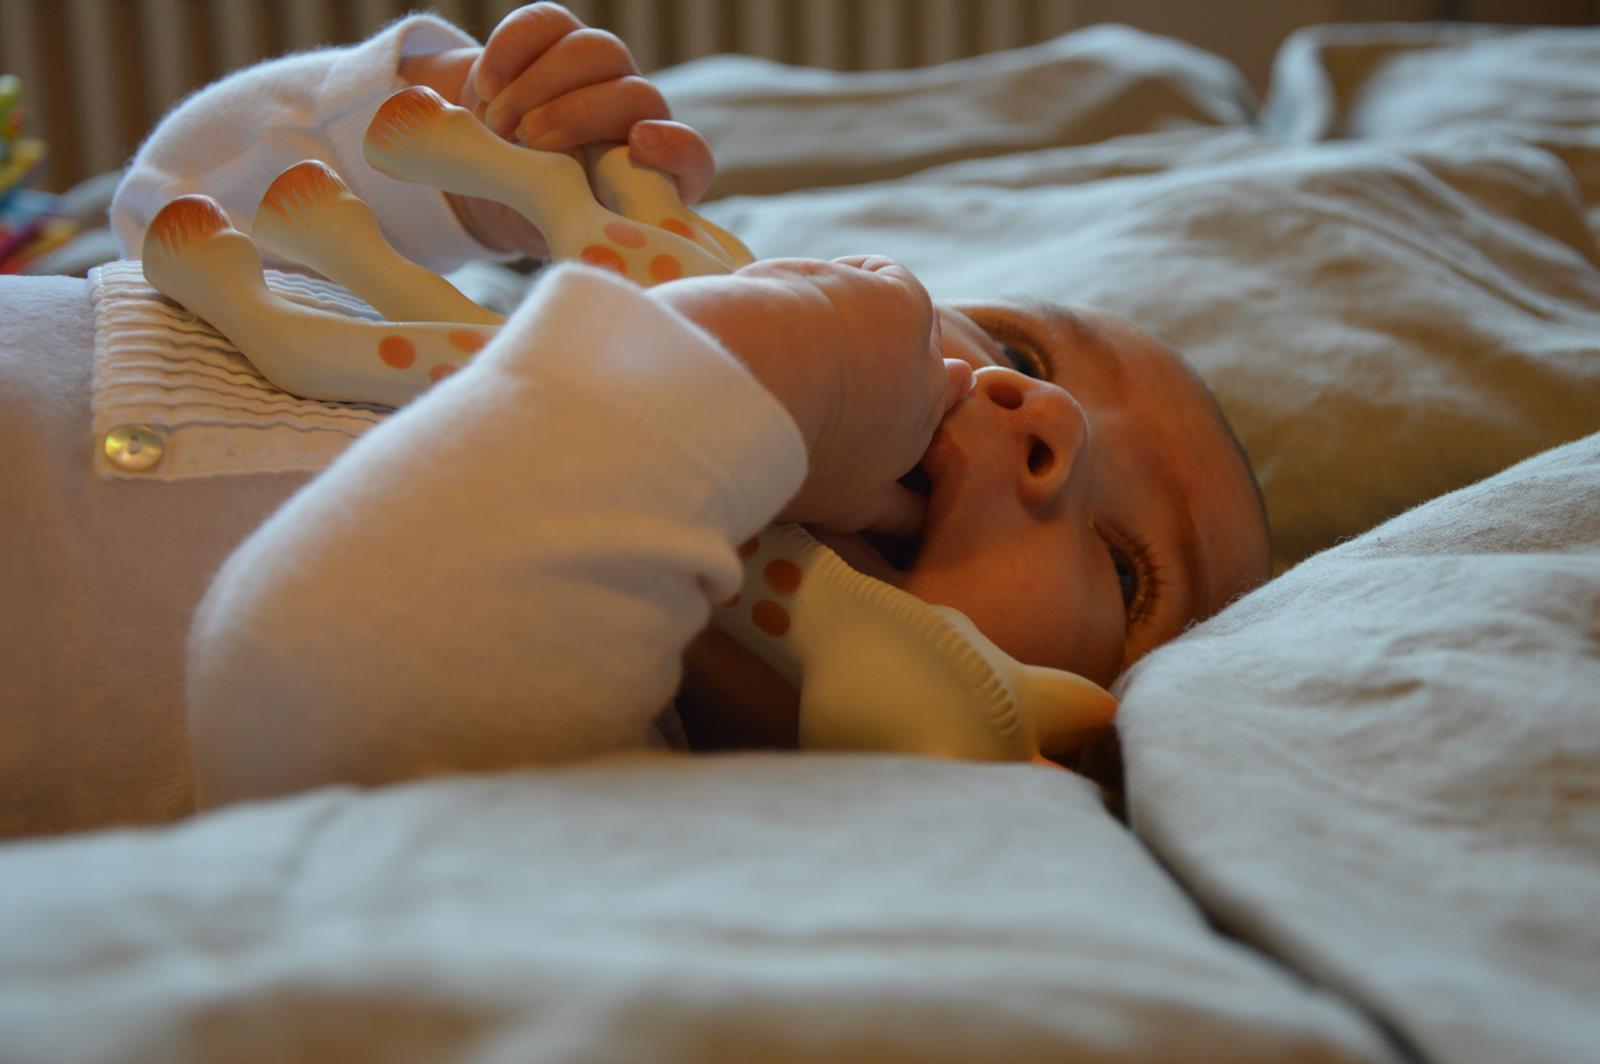 Giocare con il neonato | Giochi a prova di baby